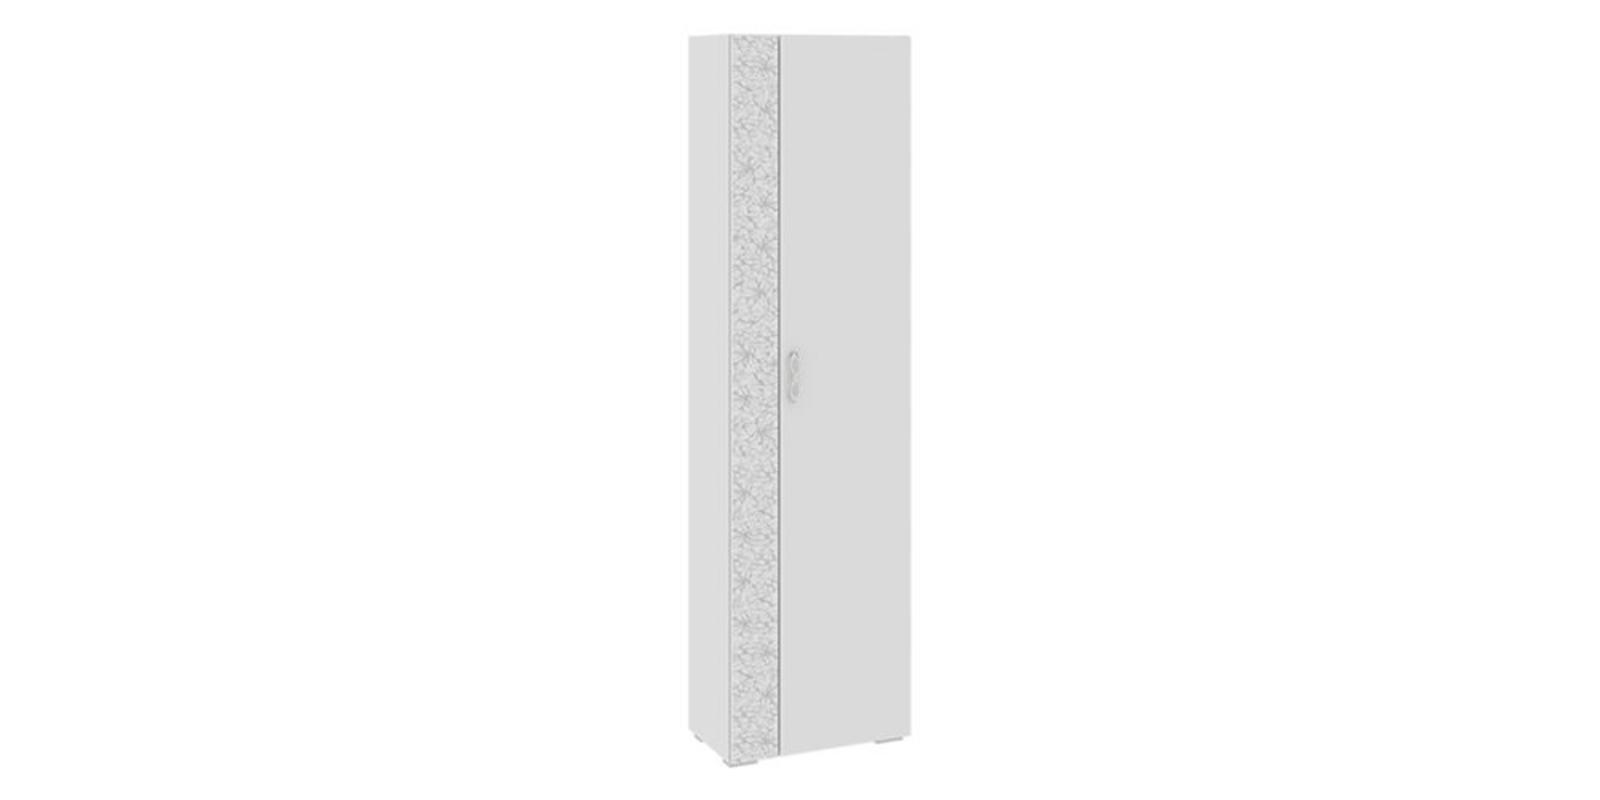 Шкаф распашной однодверный Давос вариант №3 (белый матовый)